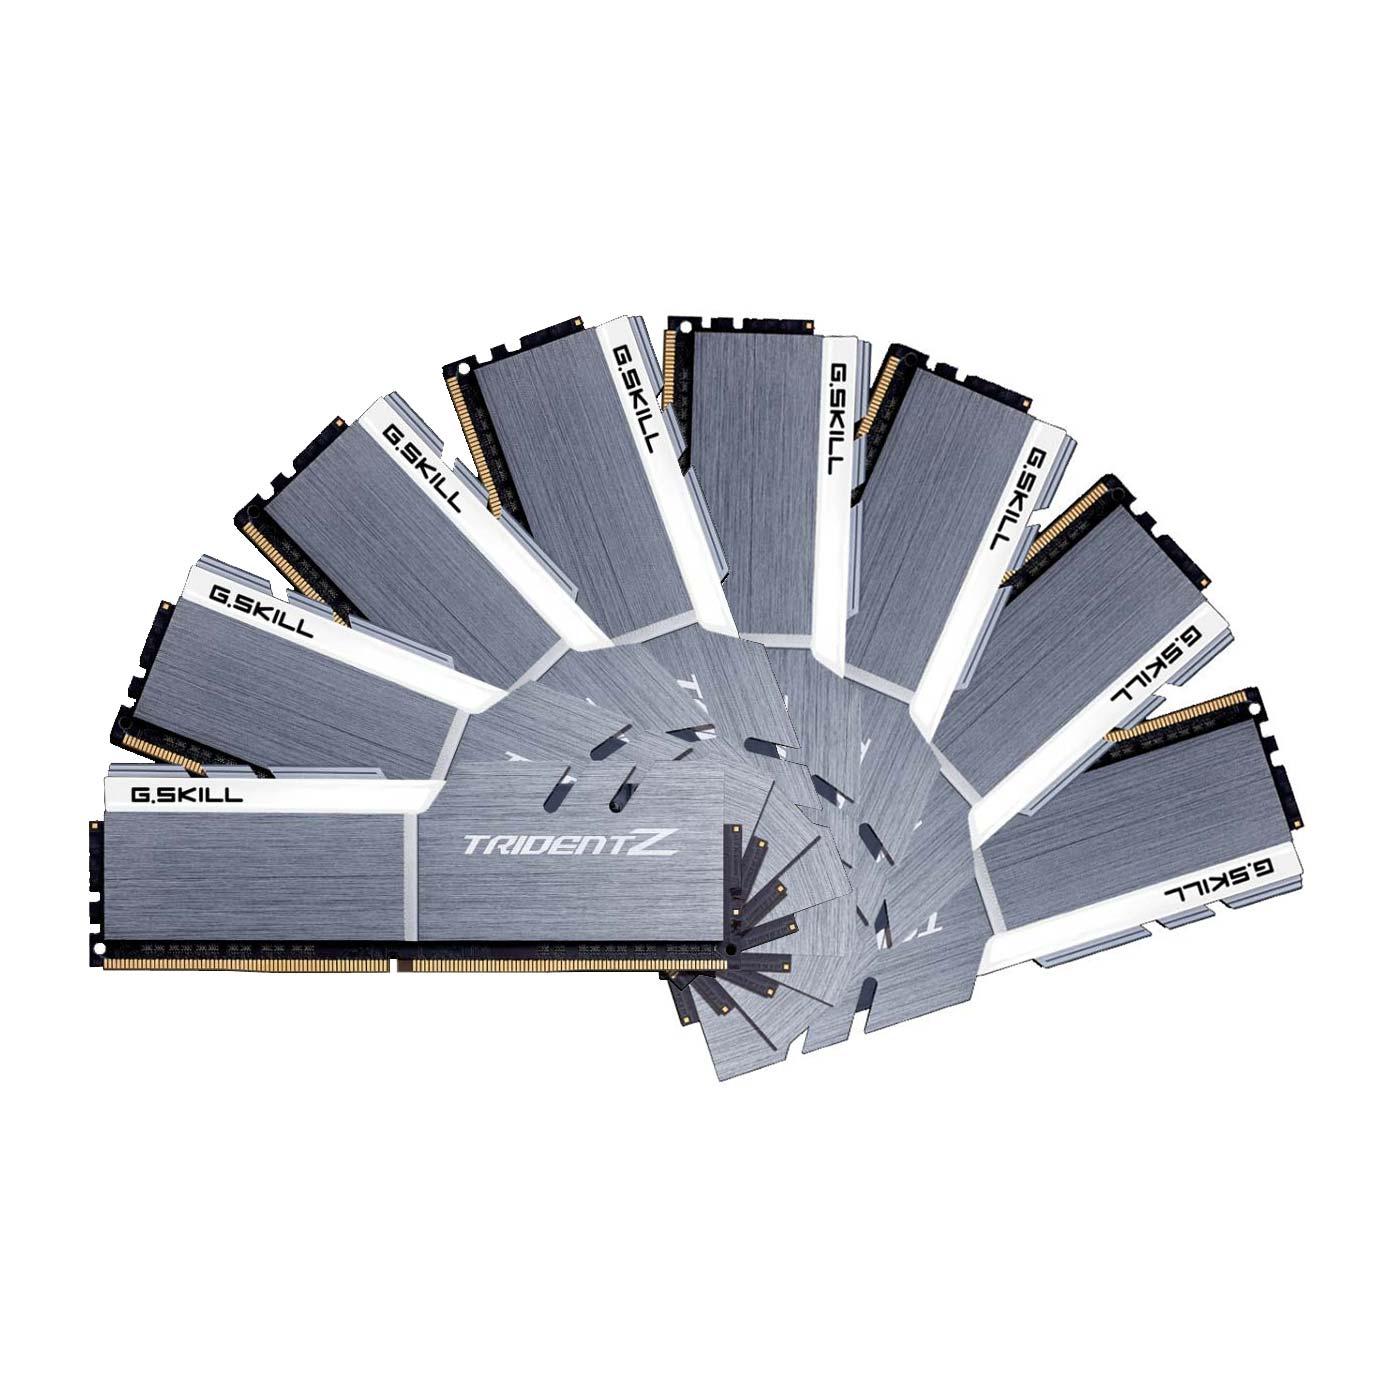 Mémoire PC G.Skill Trident Z 64 Go (8x 8 Go) DDR4 3200 MHz CL15 Kit Quad Channel 8 barrettes de RAM DDR4 PC4-25600 - F4-3200C15Q2-64GTZSW - Blanc et argent (garantie 10 ans par G.Skill)